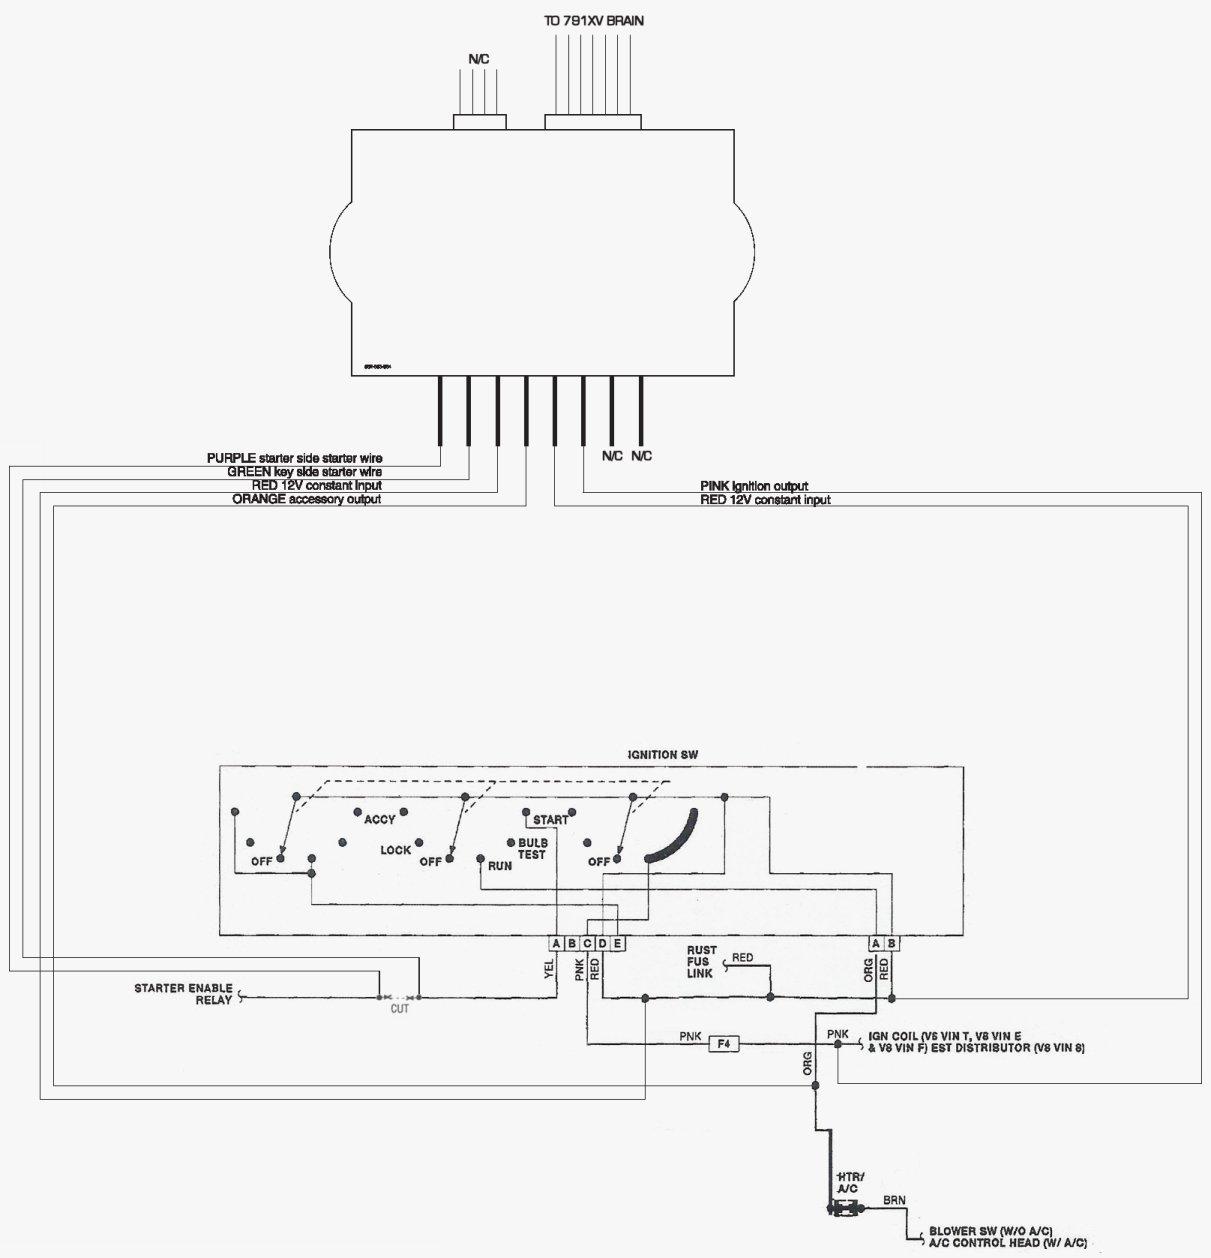 Gemütlich 5901 Viper Alarm Schaltplan Yamaha Outboard Wiring Code